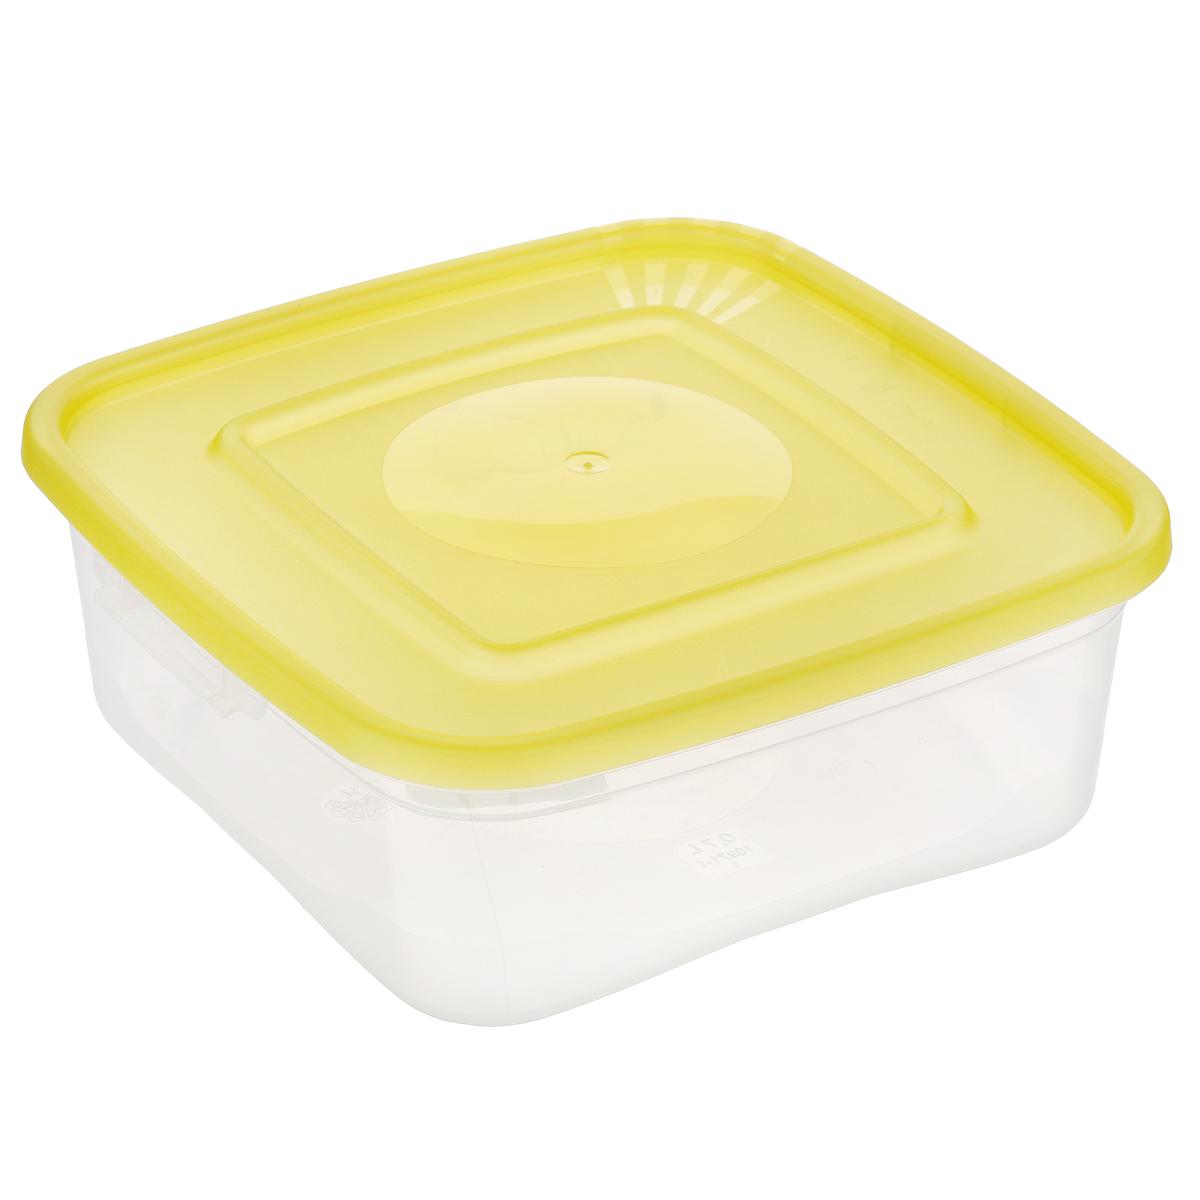 Контейнер для СВЧ Полимербыт Каскад, цвет: желтый, прозрачный, 700 млД Дачно-Деревенский 20Контейнер для СВЧ Полимербыт Каскад изготовлен из высококачественного прочного пластика, устойчивого к высоким температурам (до +110°С). Стенки контейнера прозрачные, что позволяет видеть содержимое. Цветная полупрозрачная крышка плотно закрывается. Контейнер идеально подходит для хранения пищи, его удобно брать с собой на работу, учебу, пикник или просто использовать для хранения пищи в холодильнике.Можно использовать в микроволновой печи и для заморозки в морозильной камере. Можно мыть в посудомоечной машине.